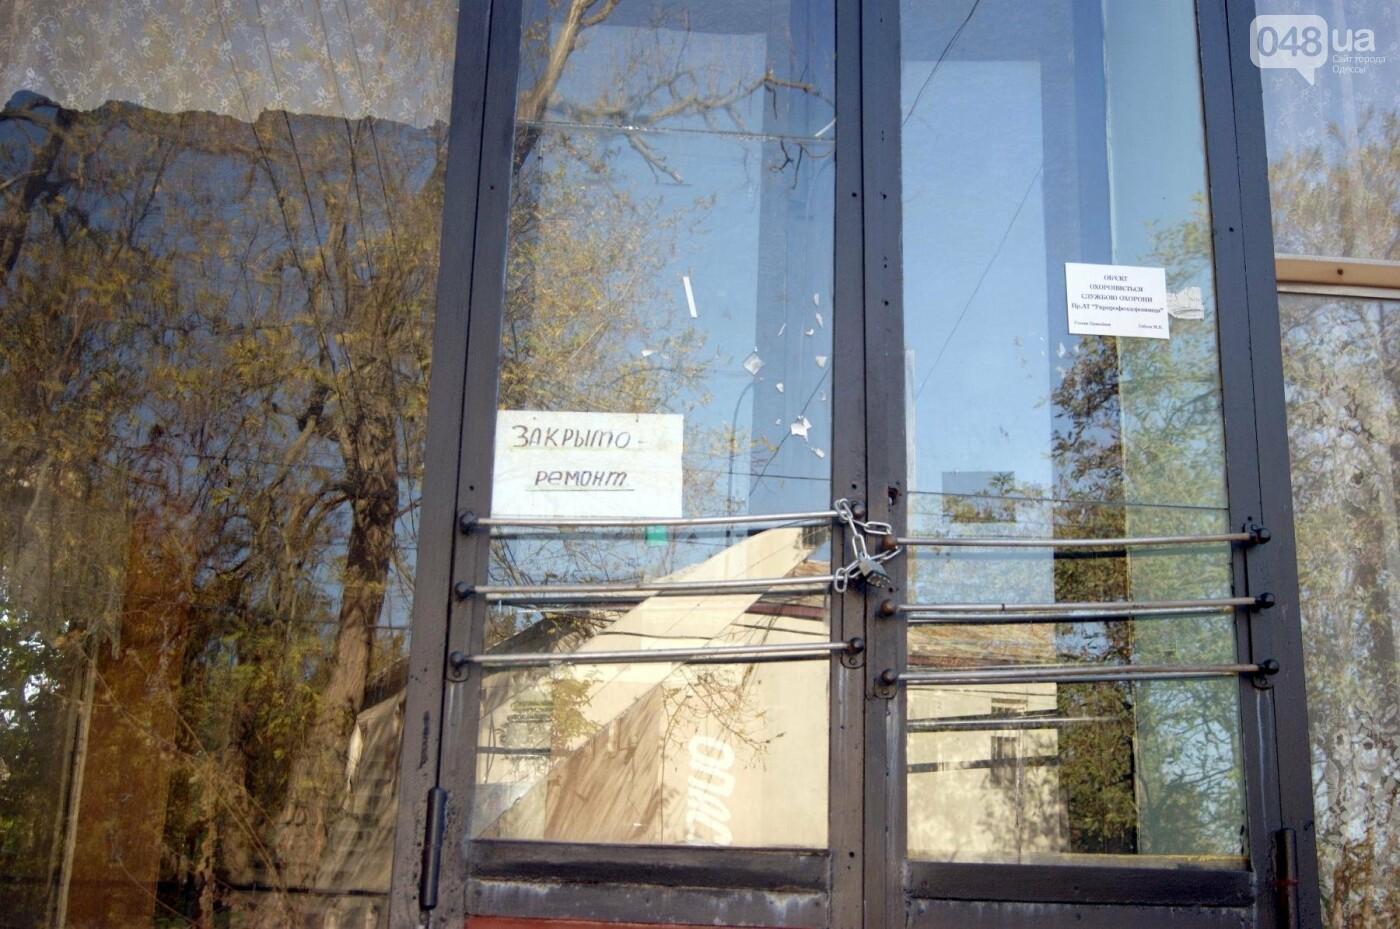 Одесский санаторий продолжает гореть до сих пор (ФОТО, ВИДЕО), фото-13